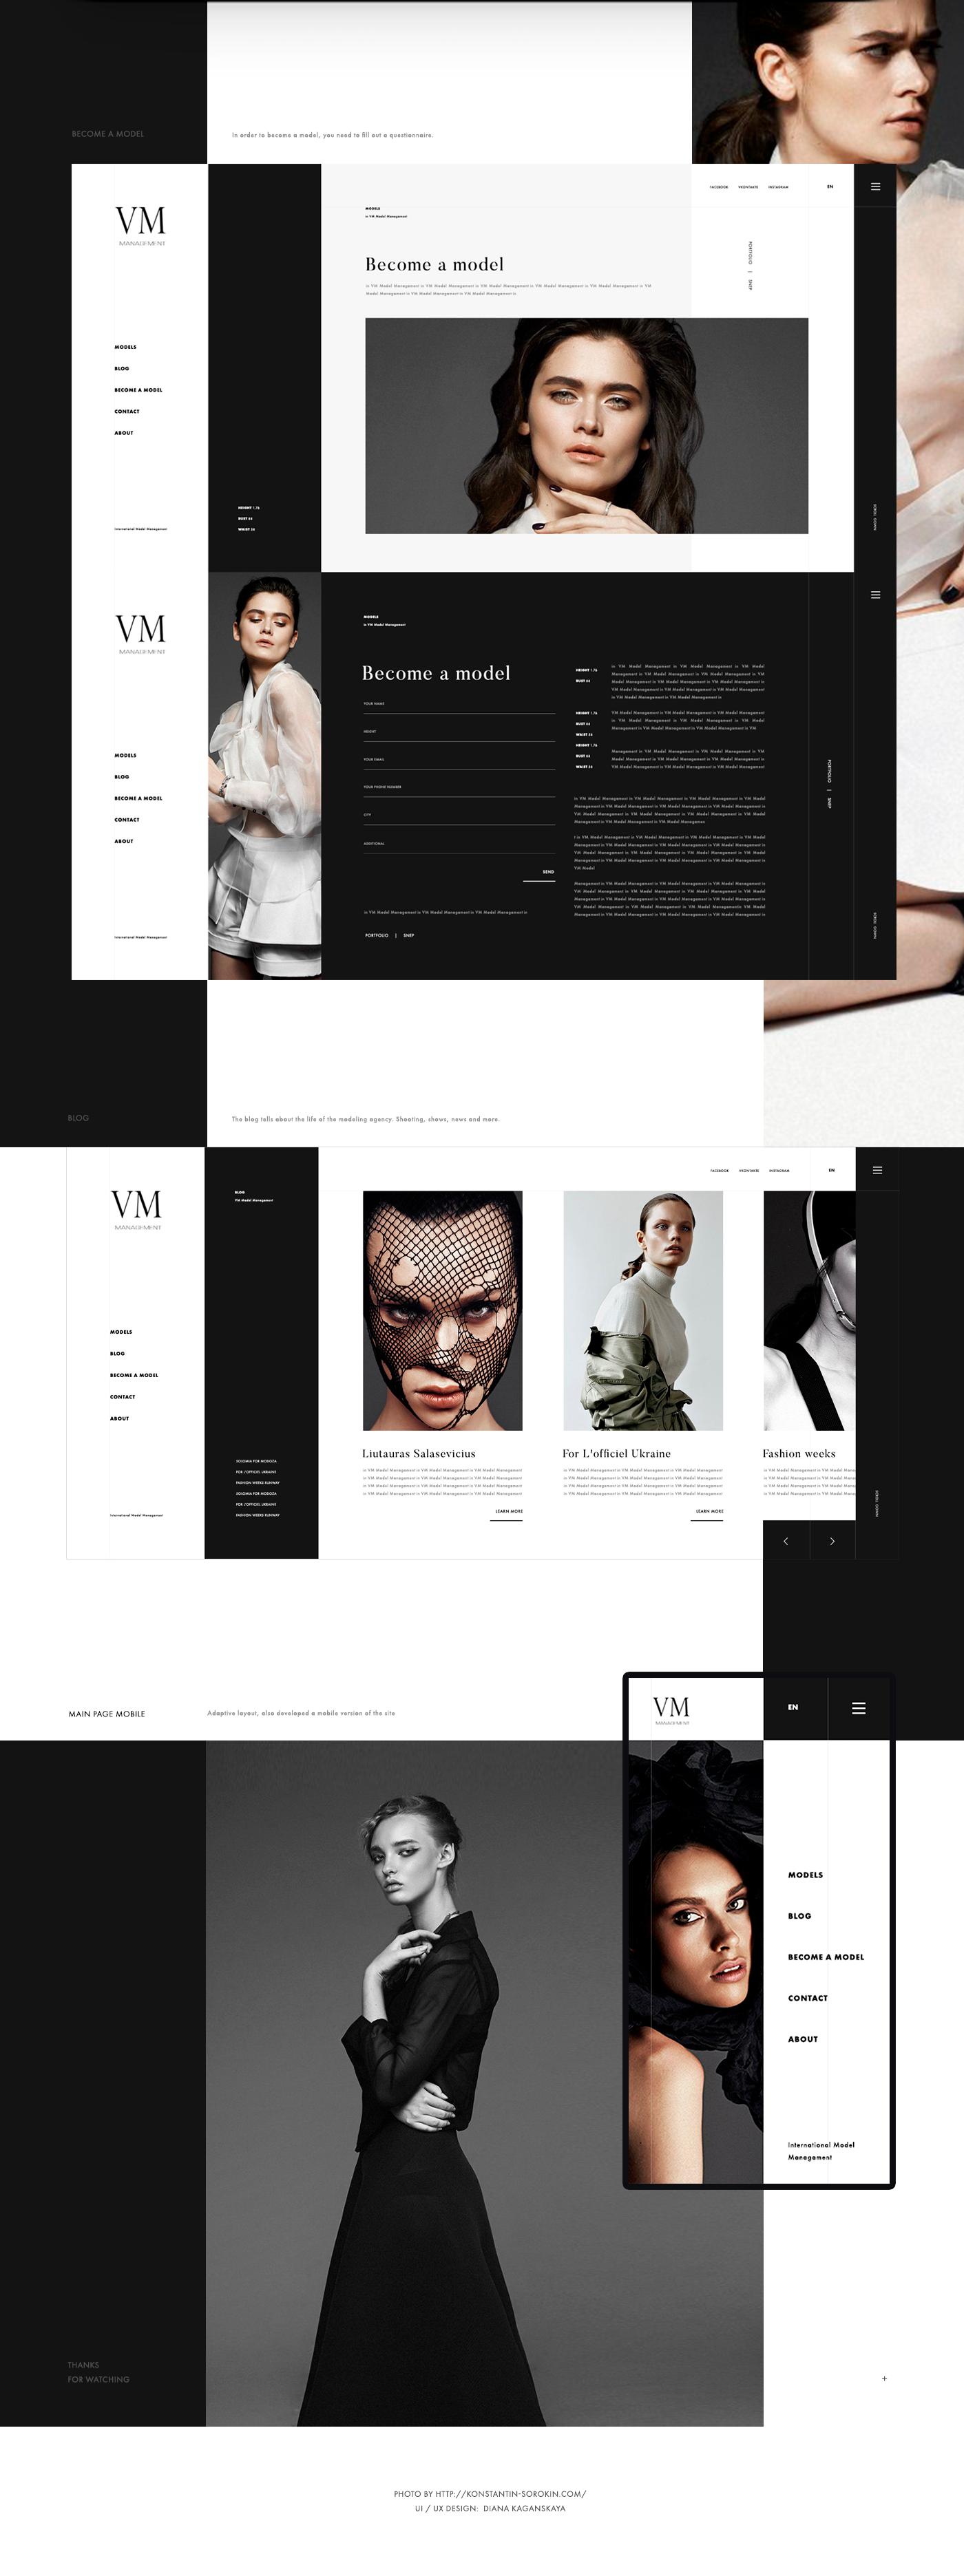 UI ux интерфейс внушать веб-сайт Webdesign Web мобильный цифровой clean